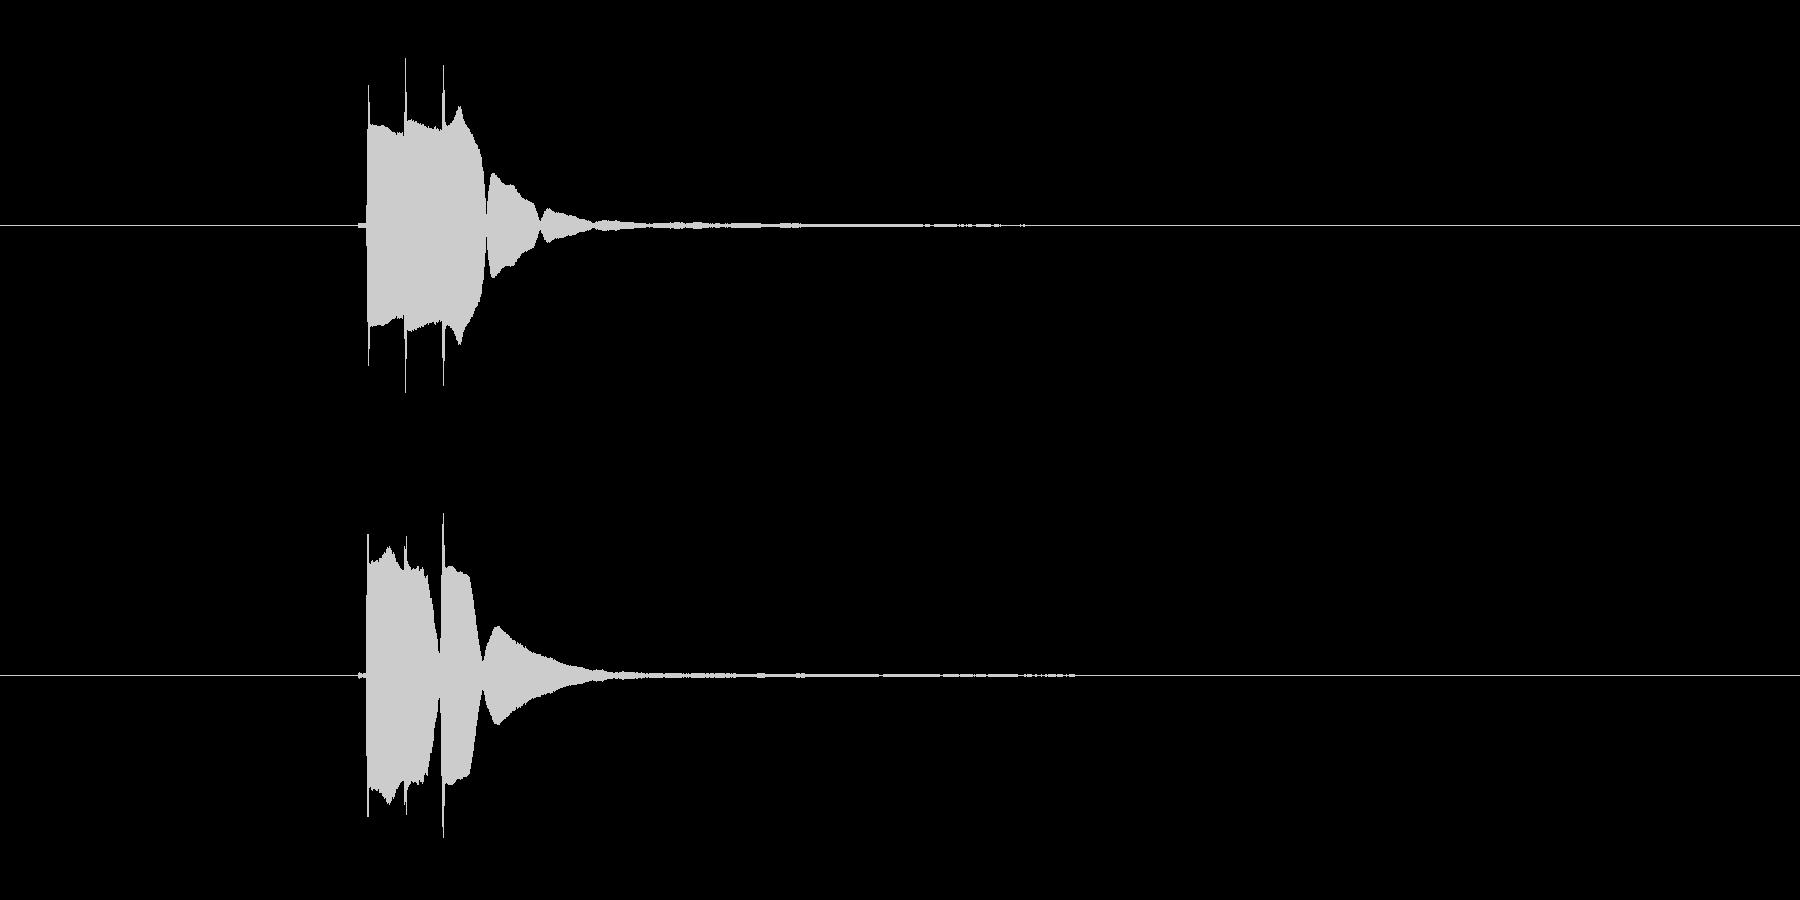 チャリーン(コインを獲得した音)の未再生の波形